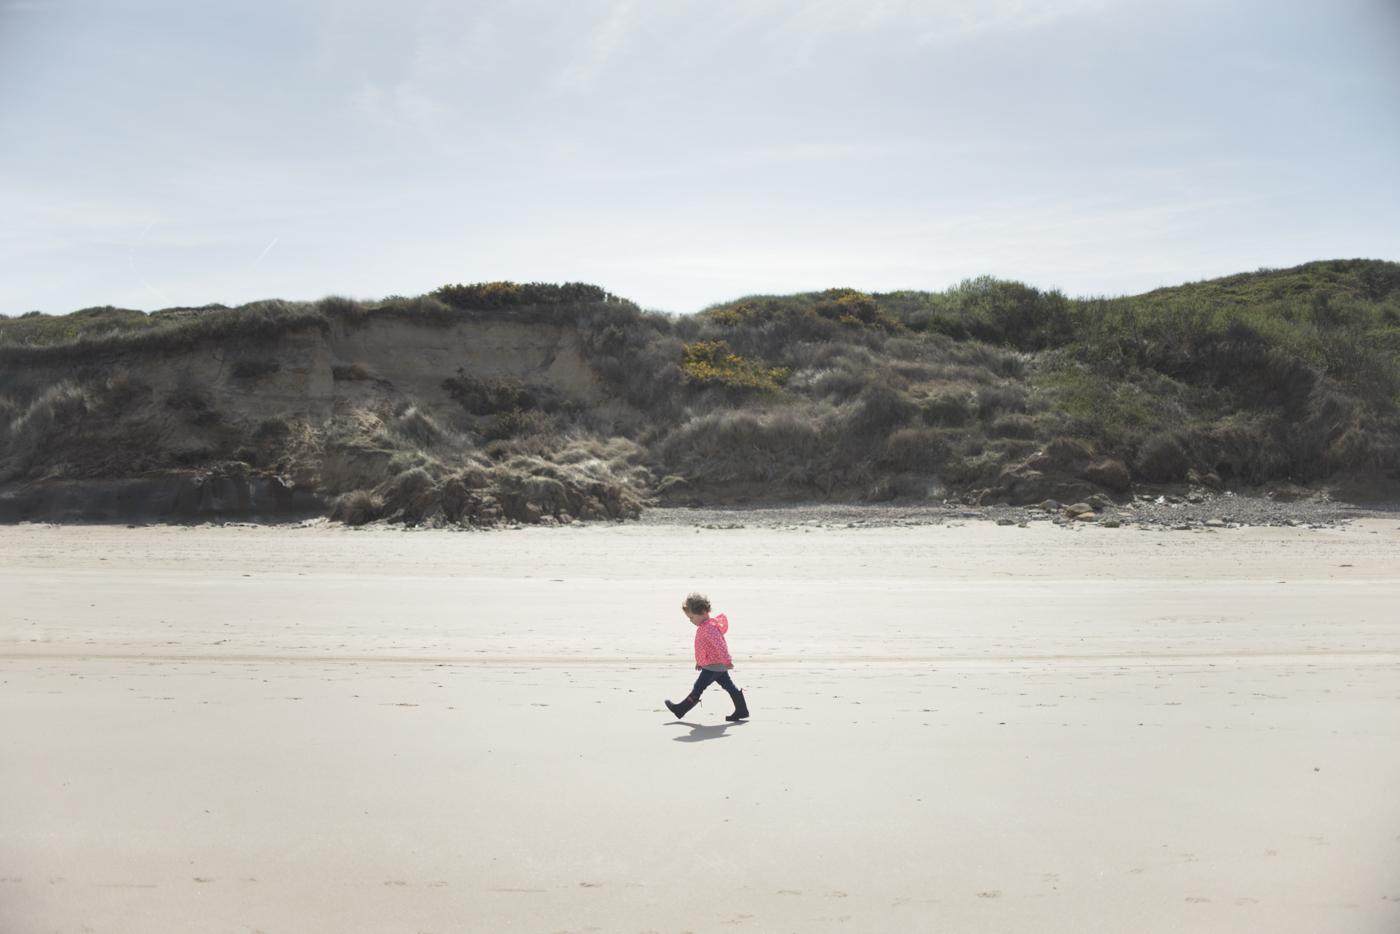 portfolio-fotos-bebes-recien-nacidos-ninos-mia-moments-playa-06.jpg